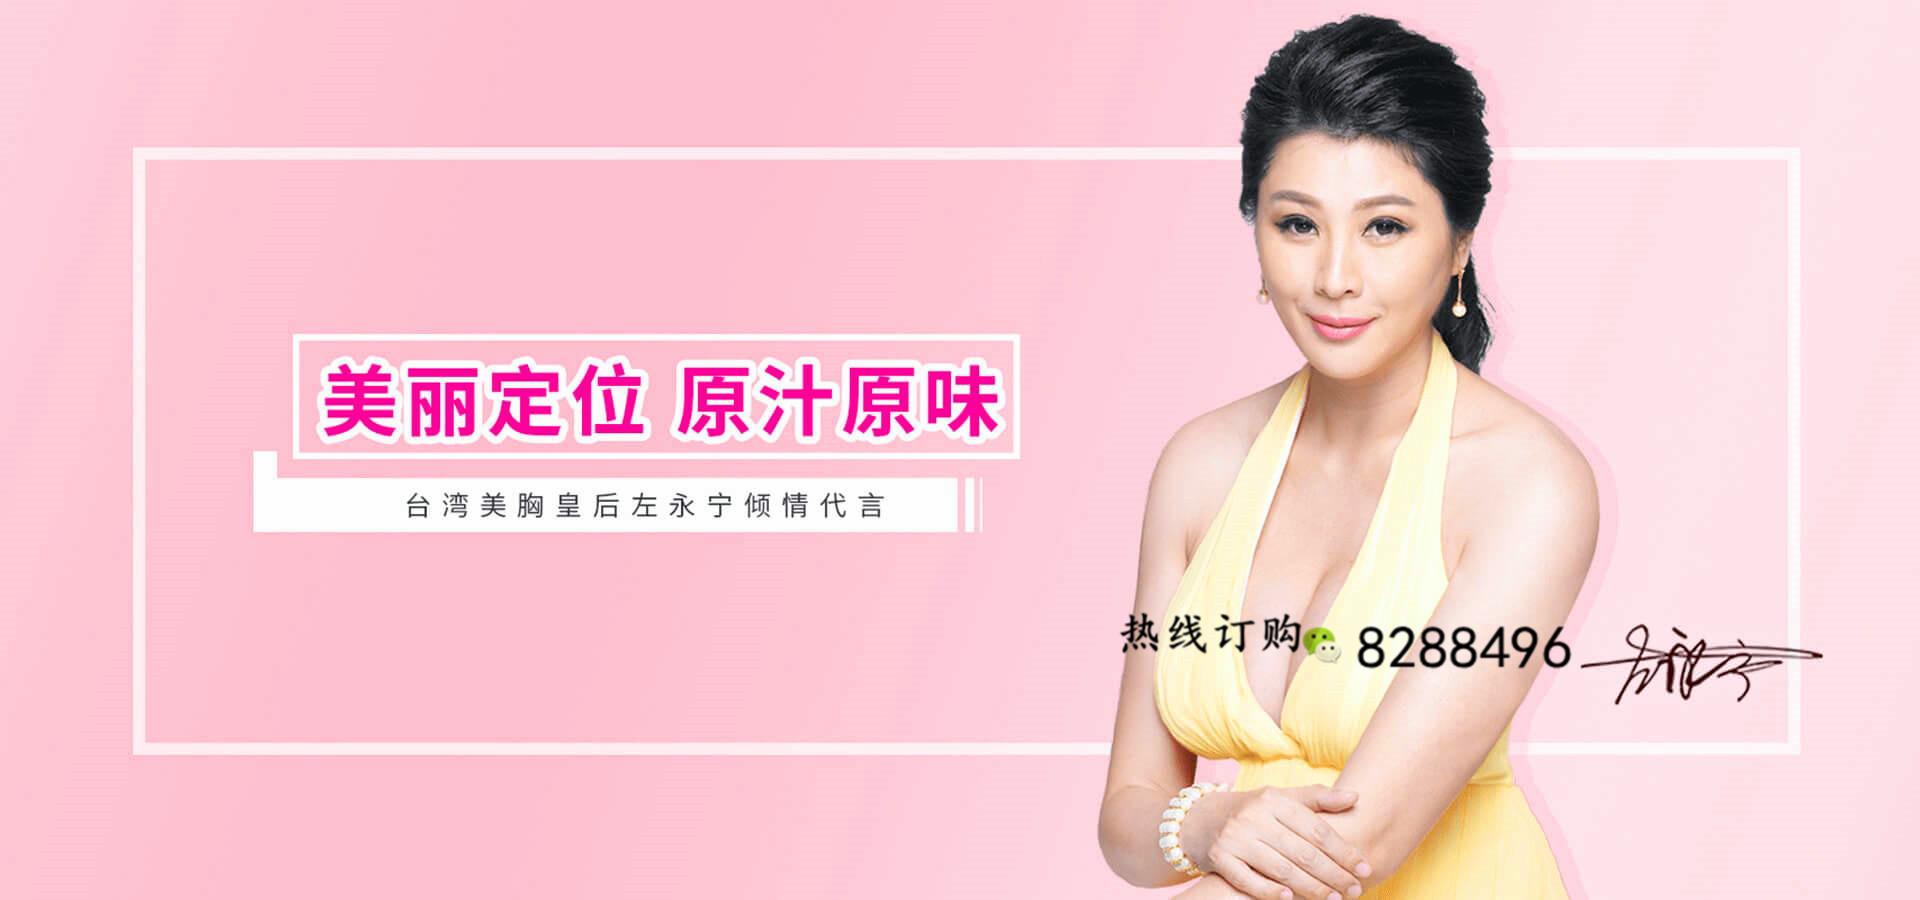 刘燕酿制粉嫩公主酒酿蛋美胸为何如此受欢迎?